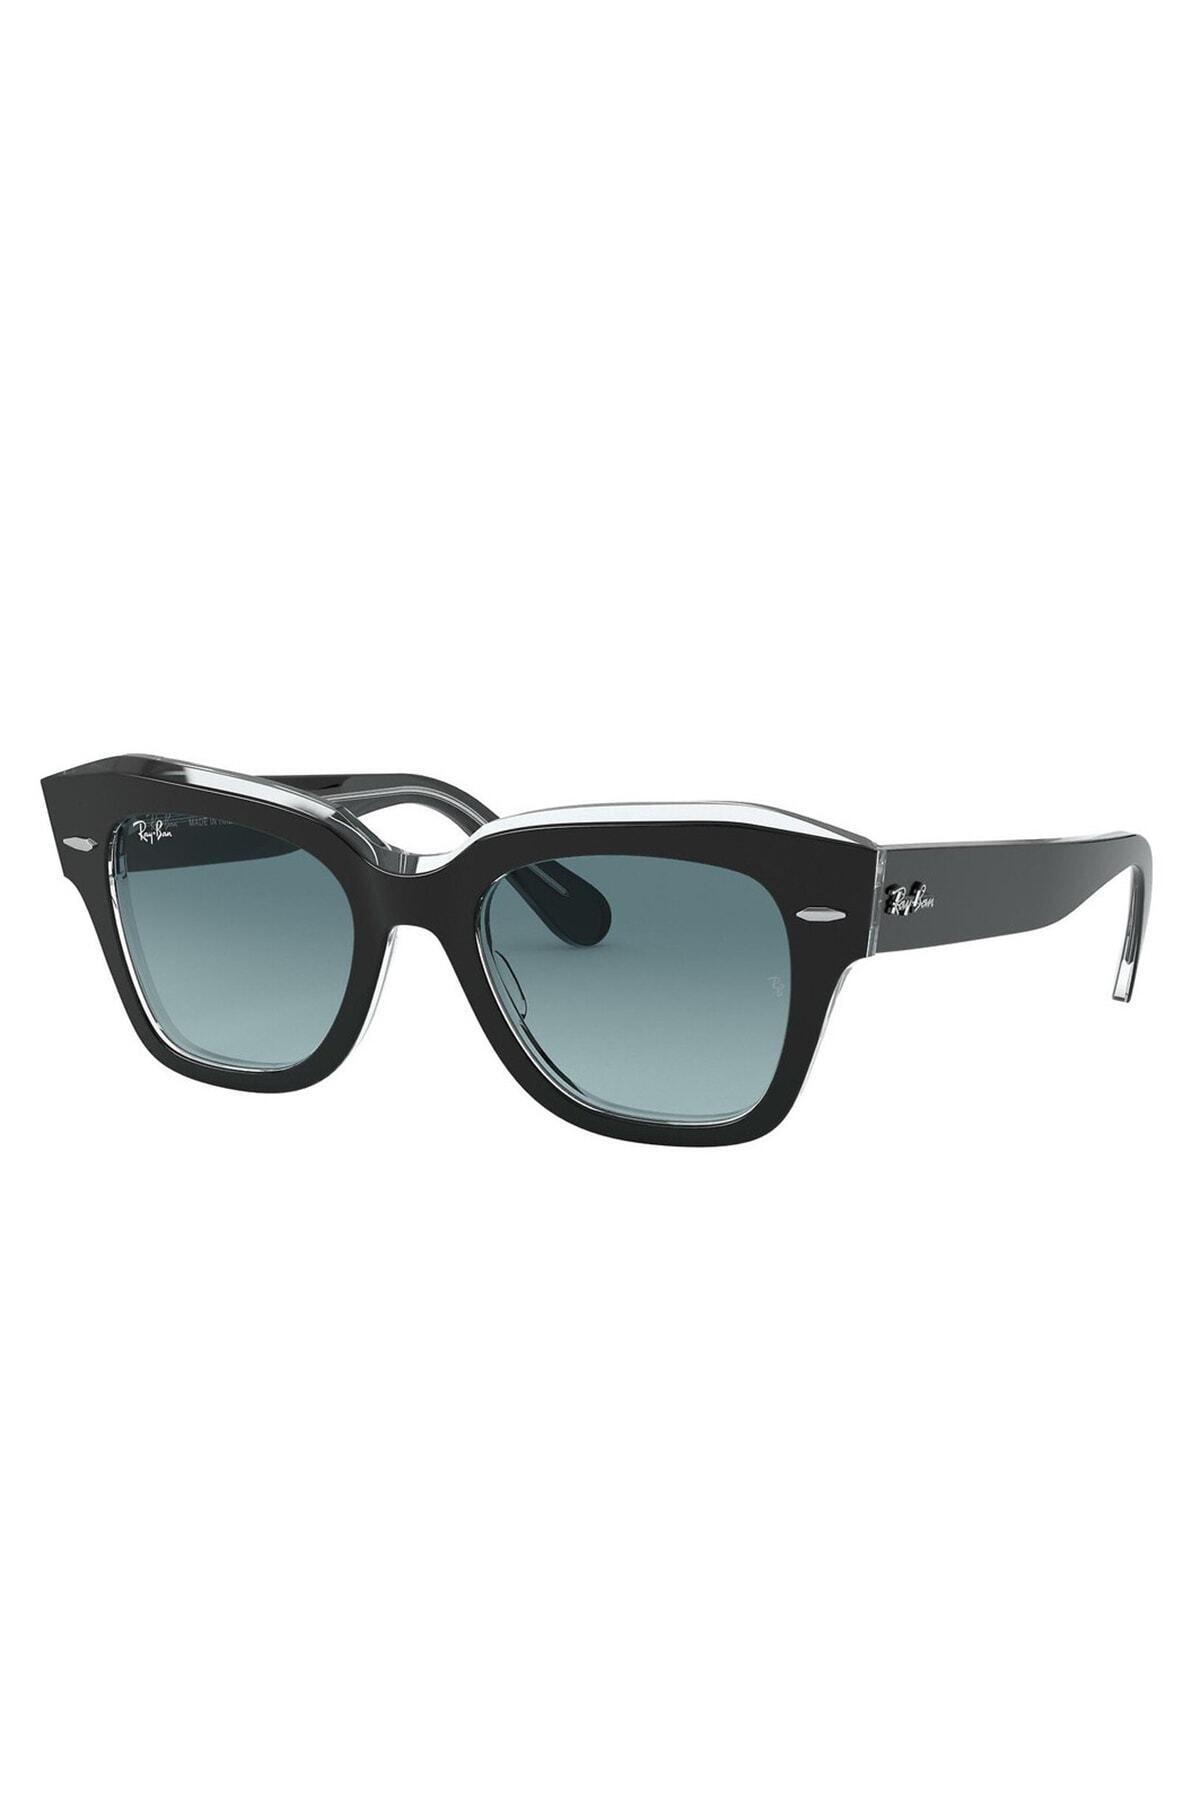 عینک آفتابی  برند ری بن رنگ مشکی کد ty37355831